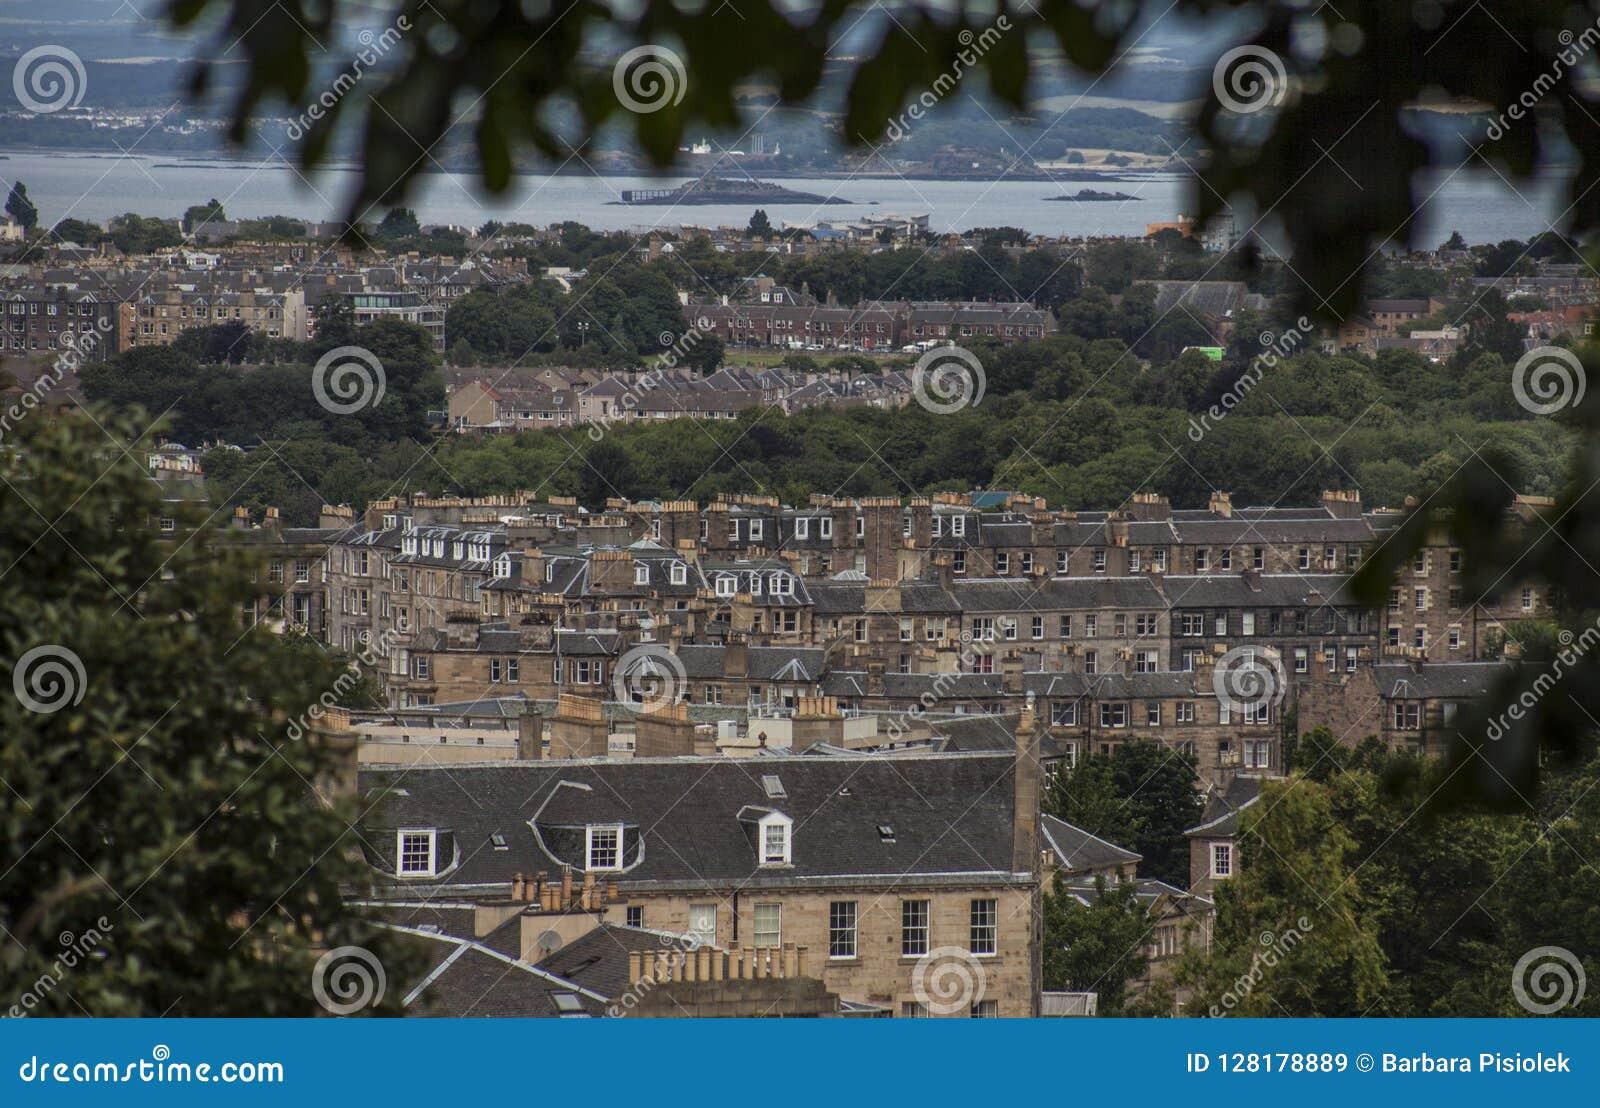 Edinburgh, Schotland - oude huizen en bomen